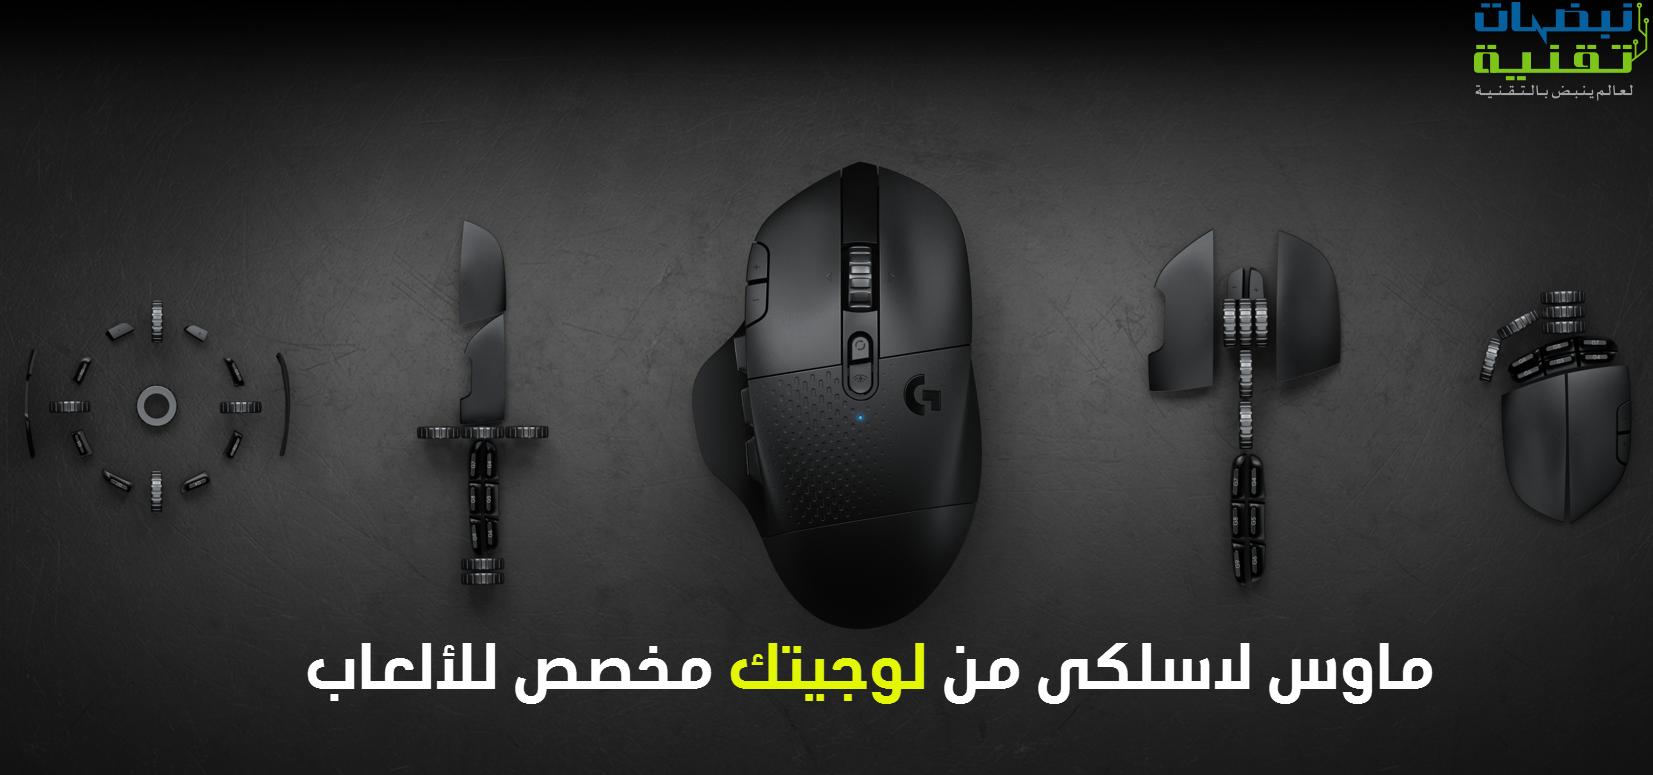 ماوس لوجيتيك G604 اللاسلكي الجديد